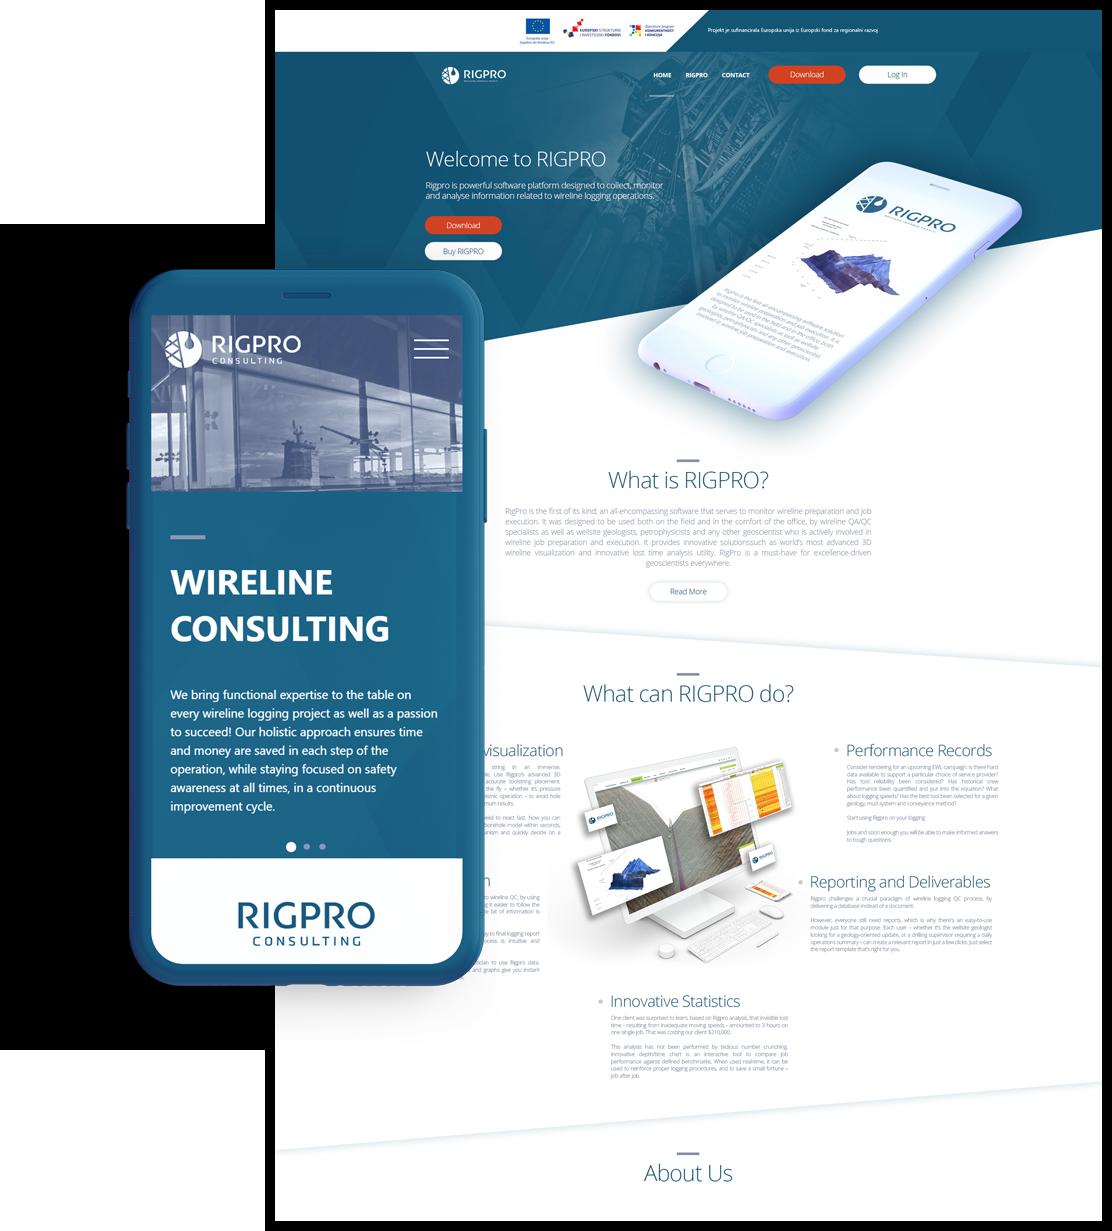 rigpro web mobile